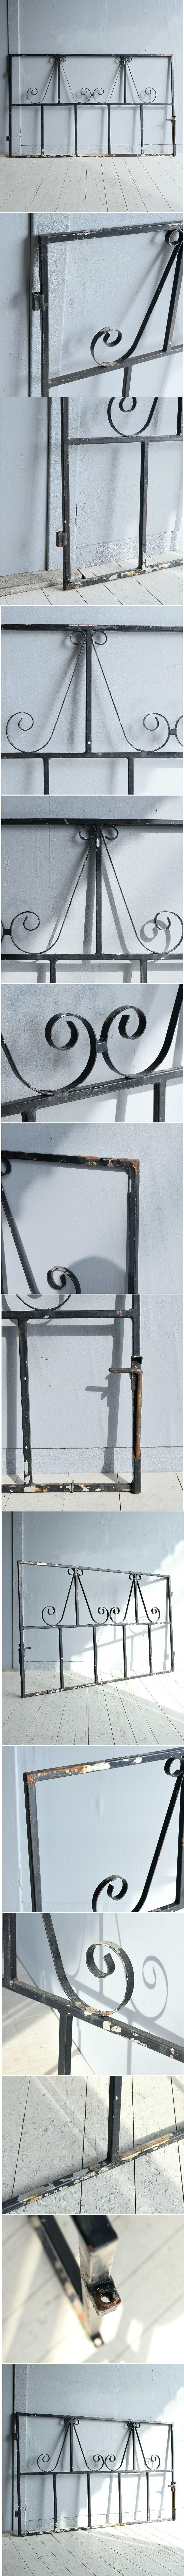 イギリス アンティーク アイアンフェンス ゲート柵 ガーデニング 9652